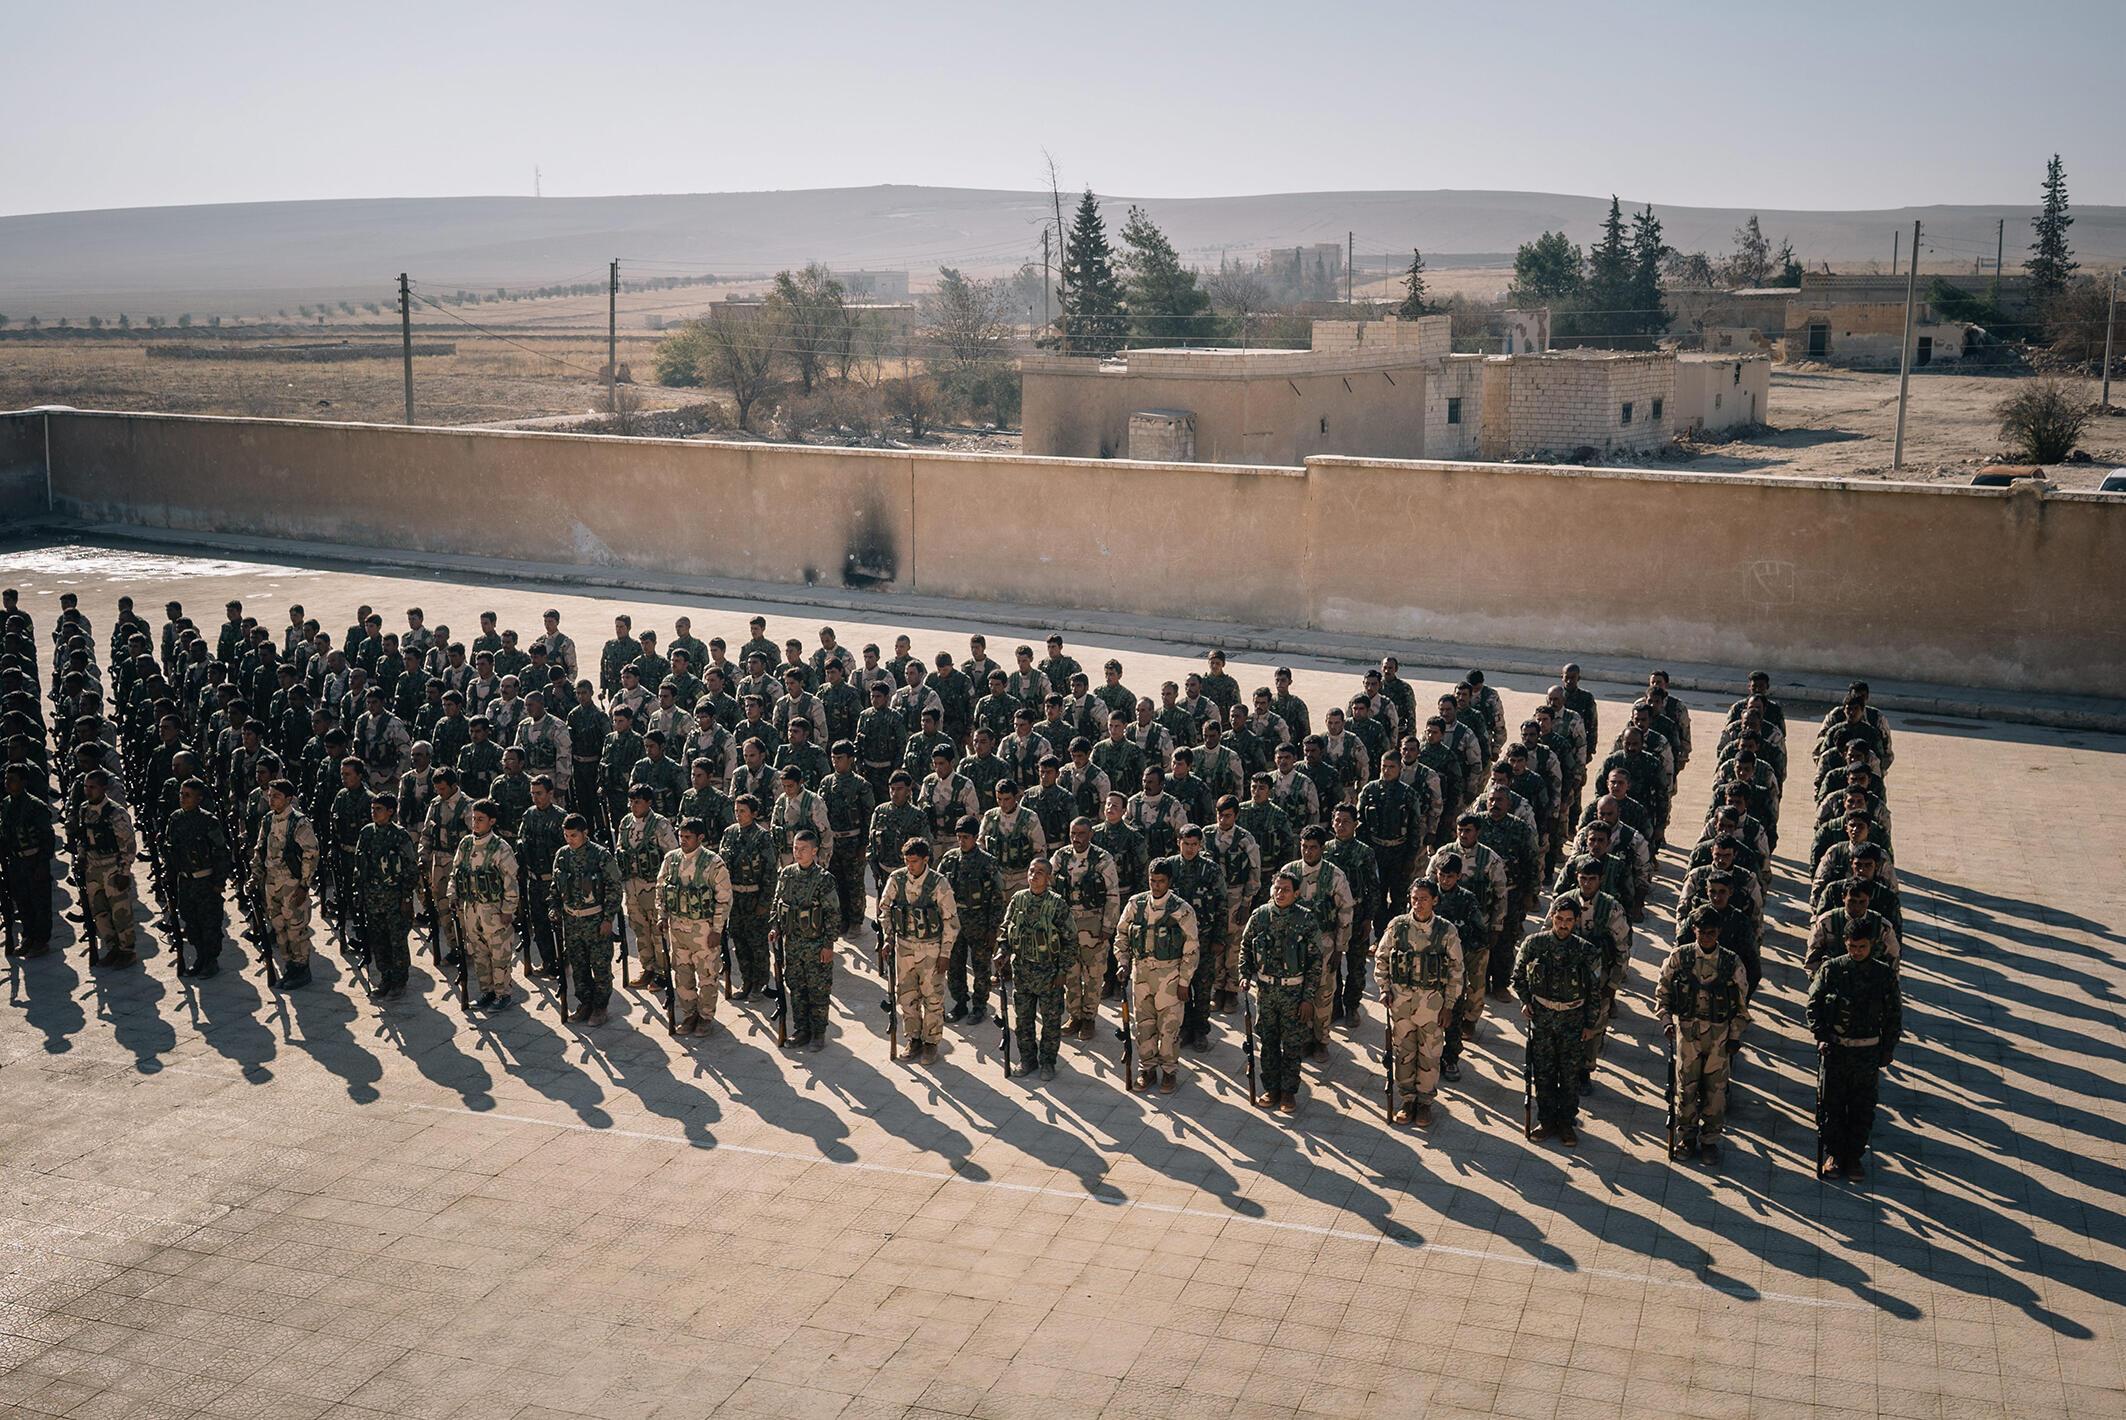 Cerimônia de fim de formação de recrutas treinados por forças americanas em Aleppo.